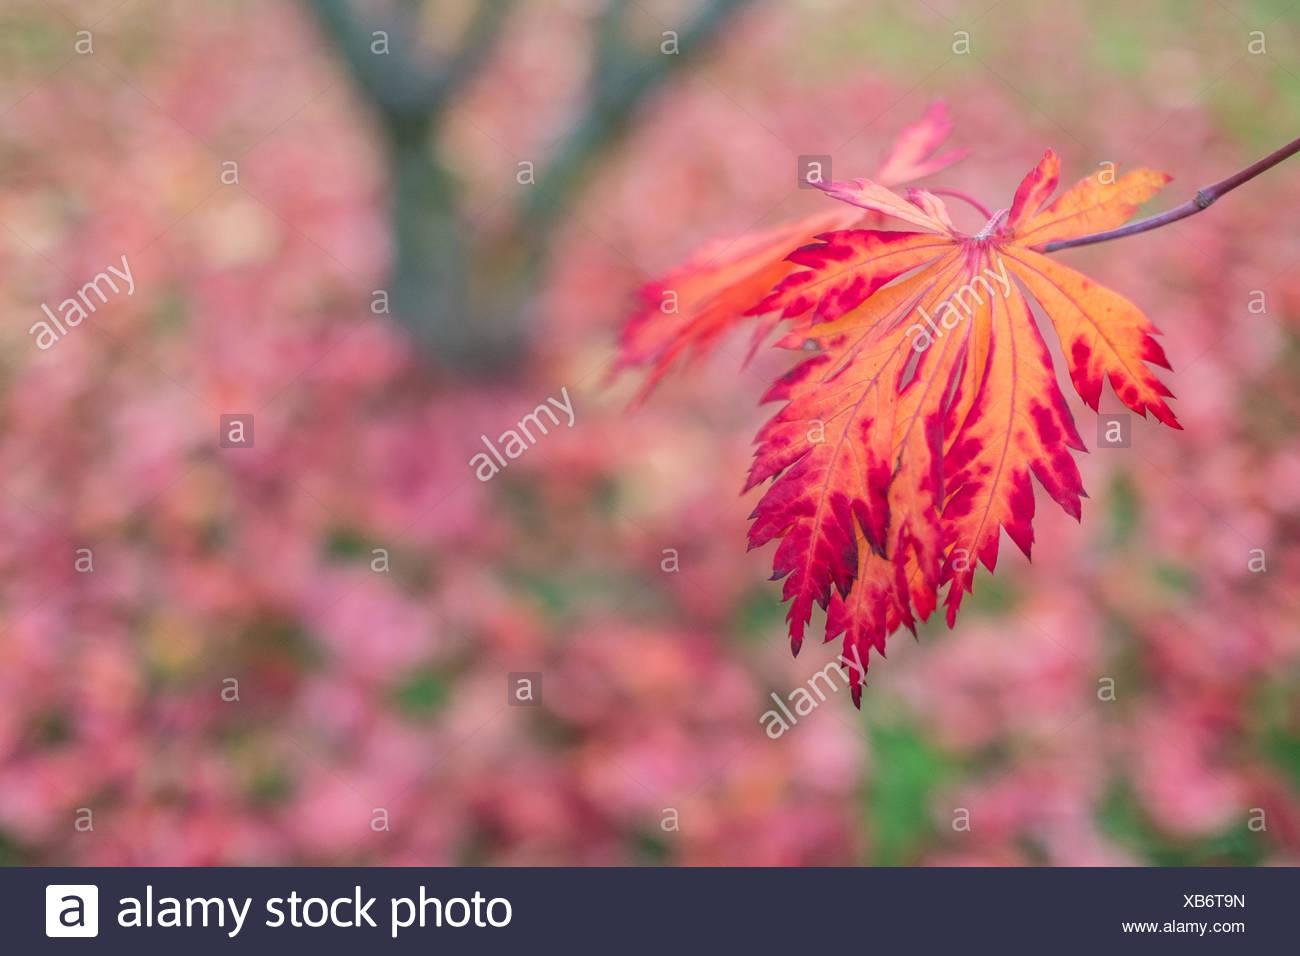 Blatt in Rot und Orange der Ahorn Stockbild